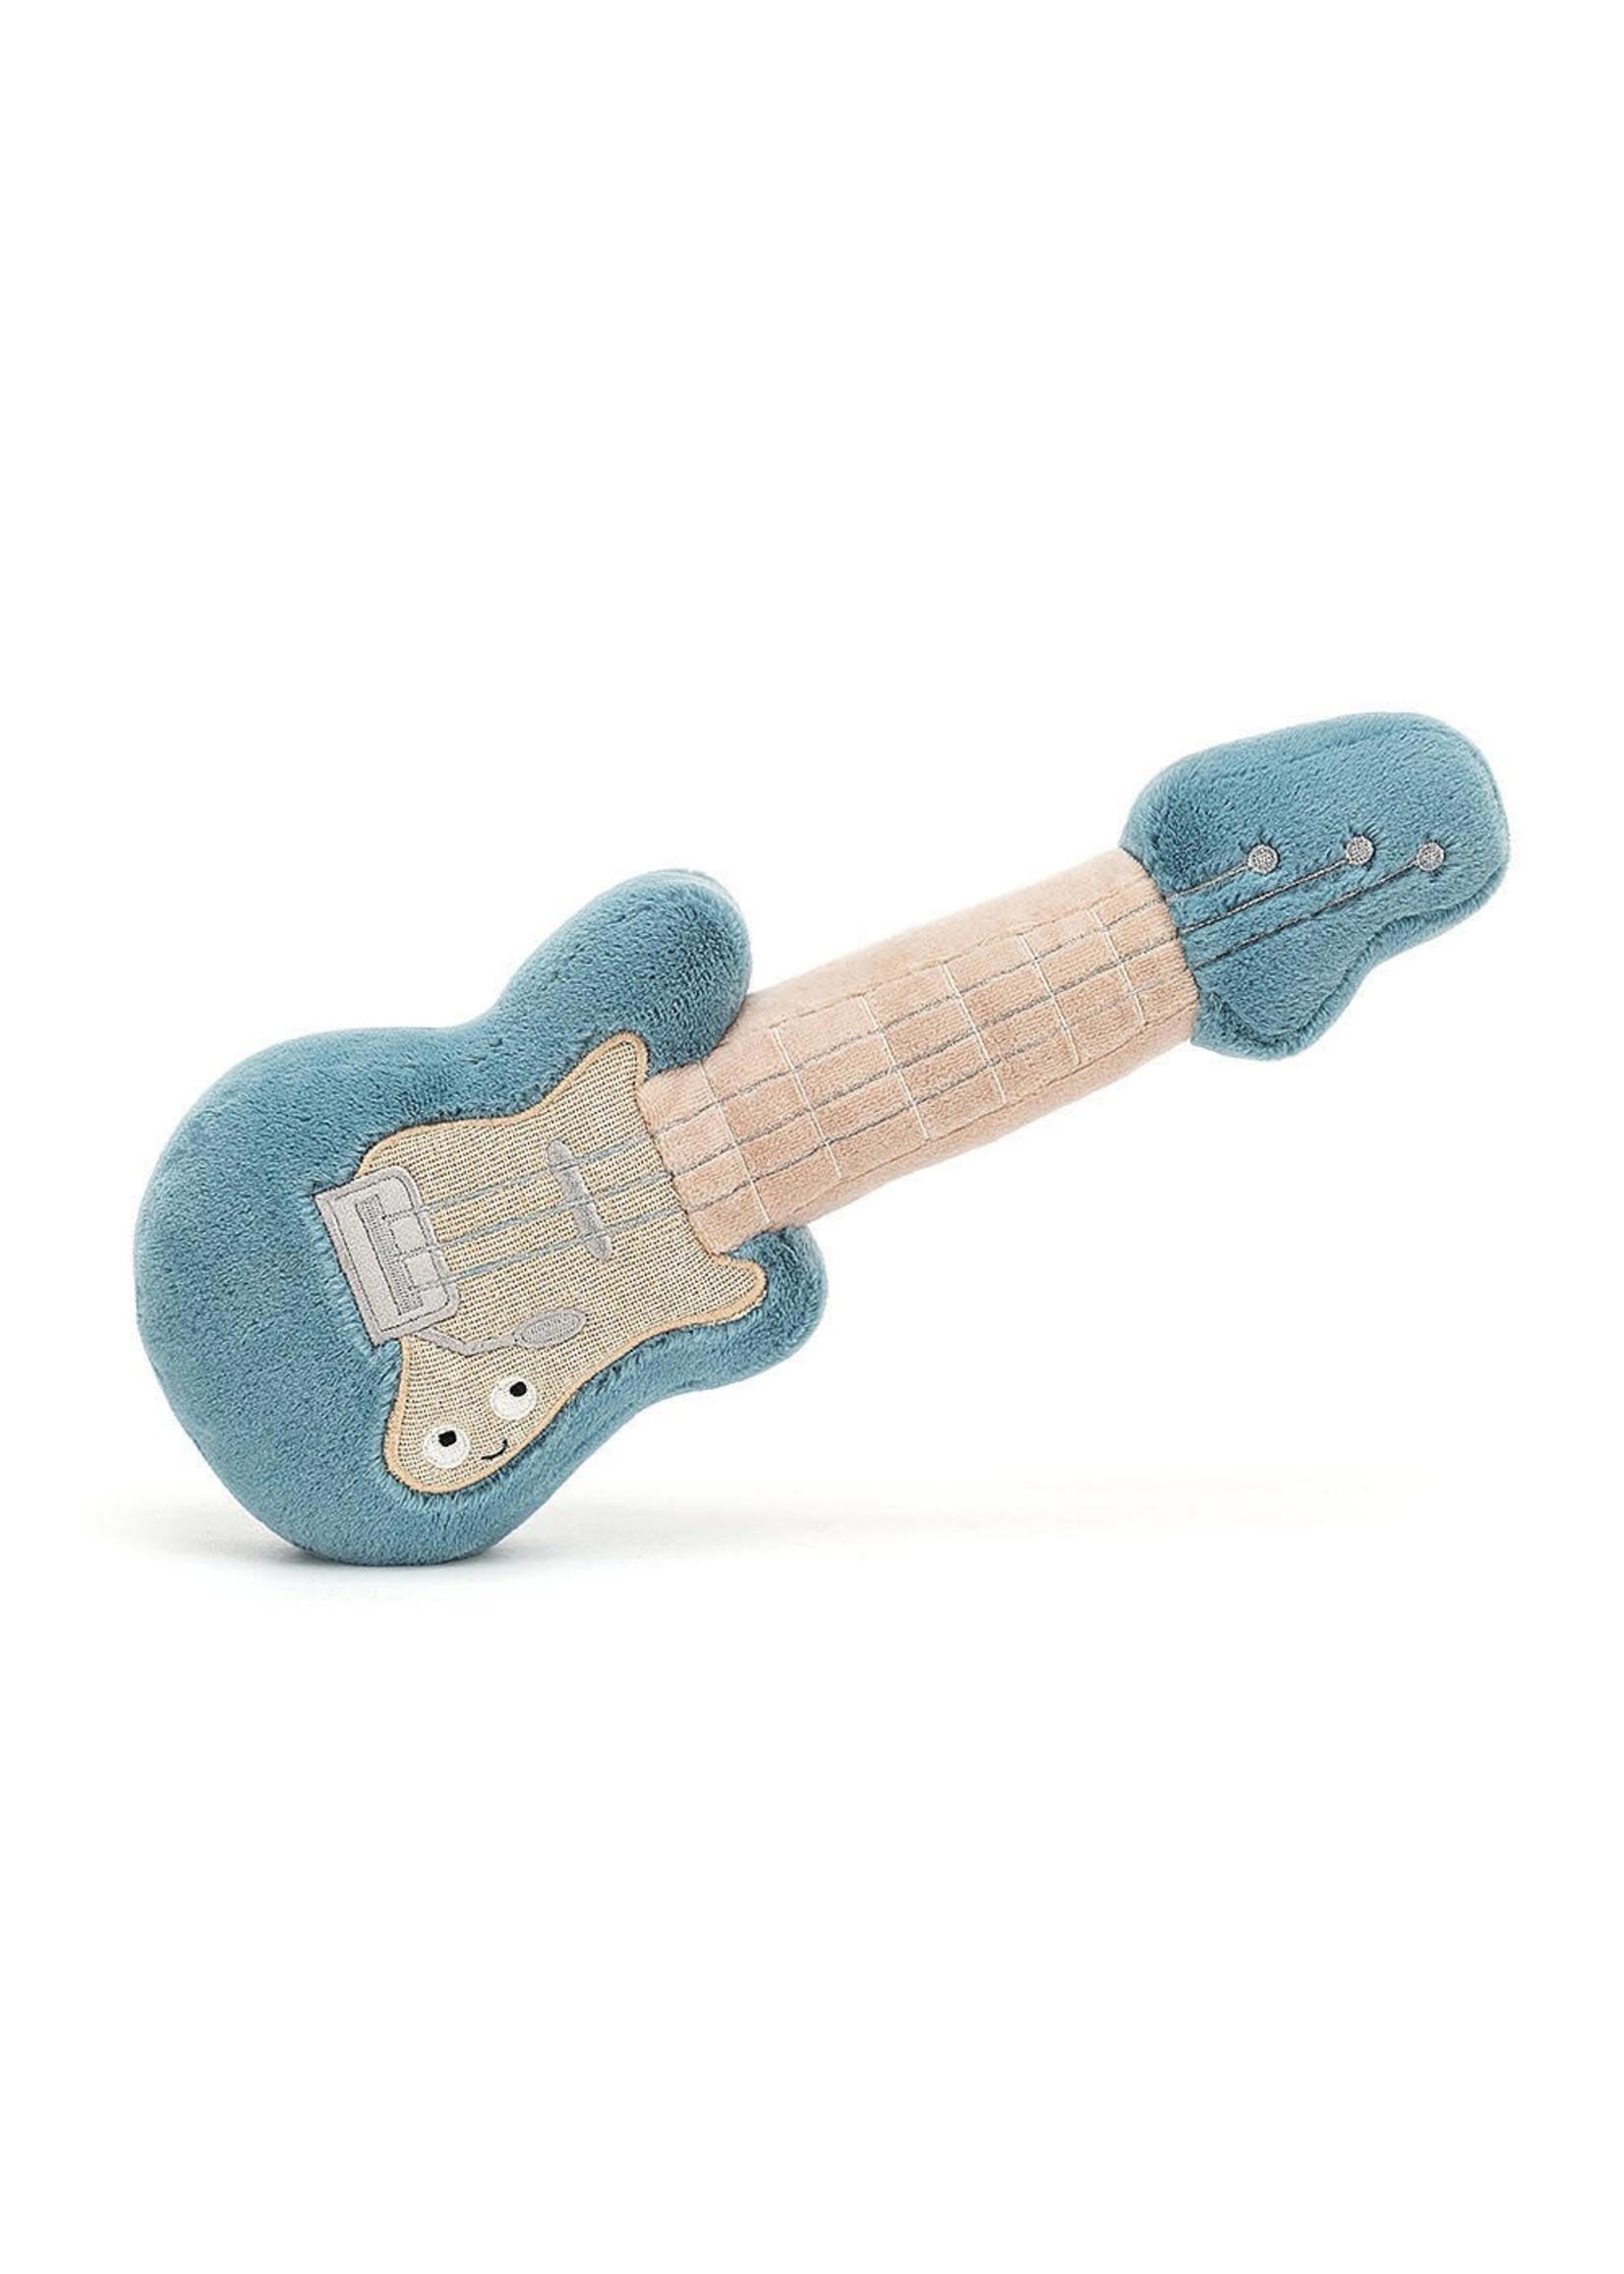 Jellycat JC Wiggedy Guitar